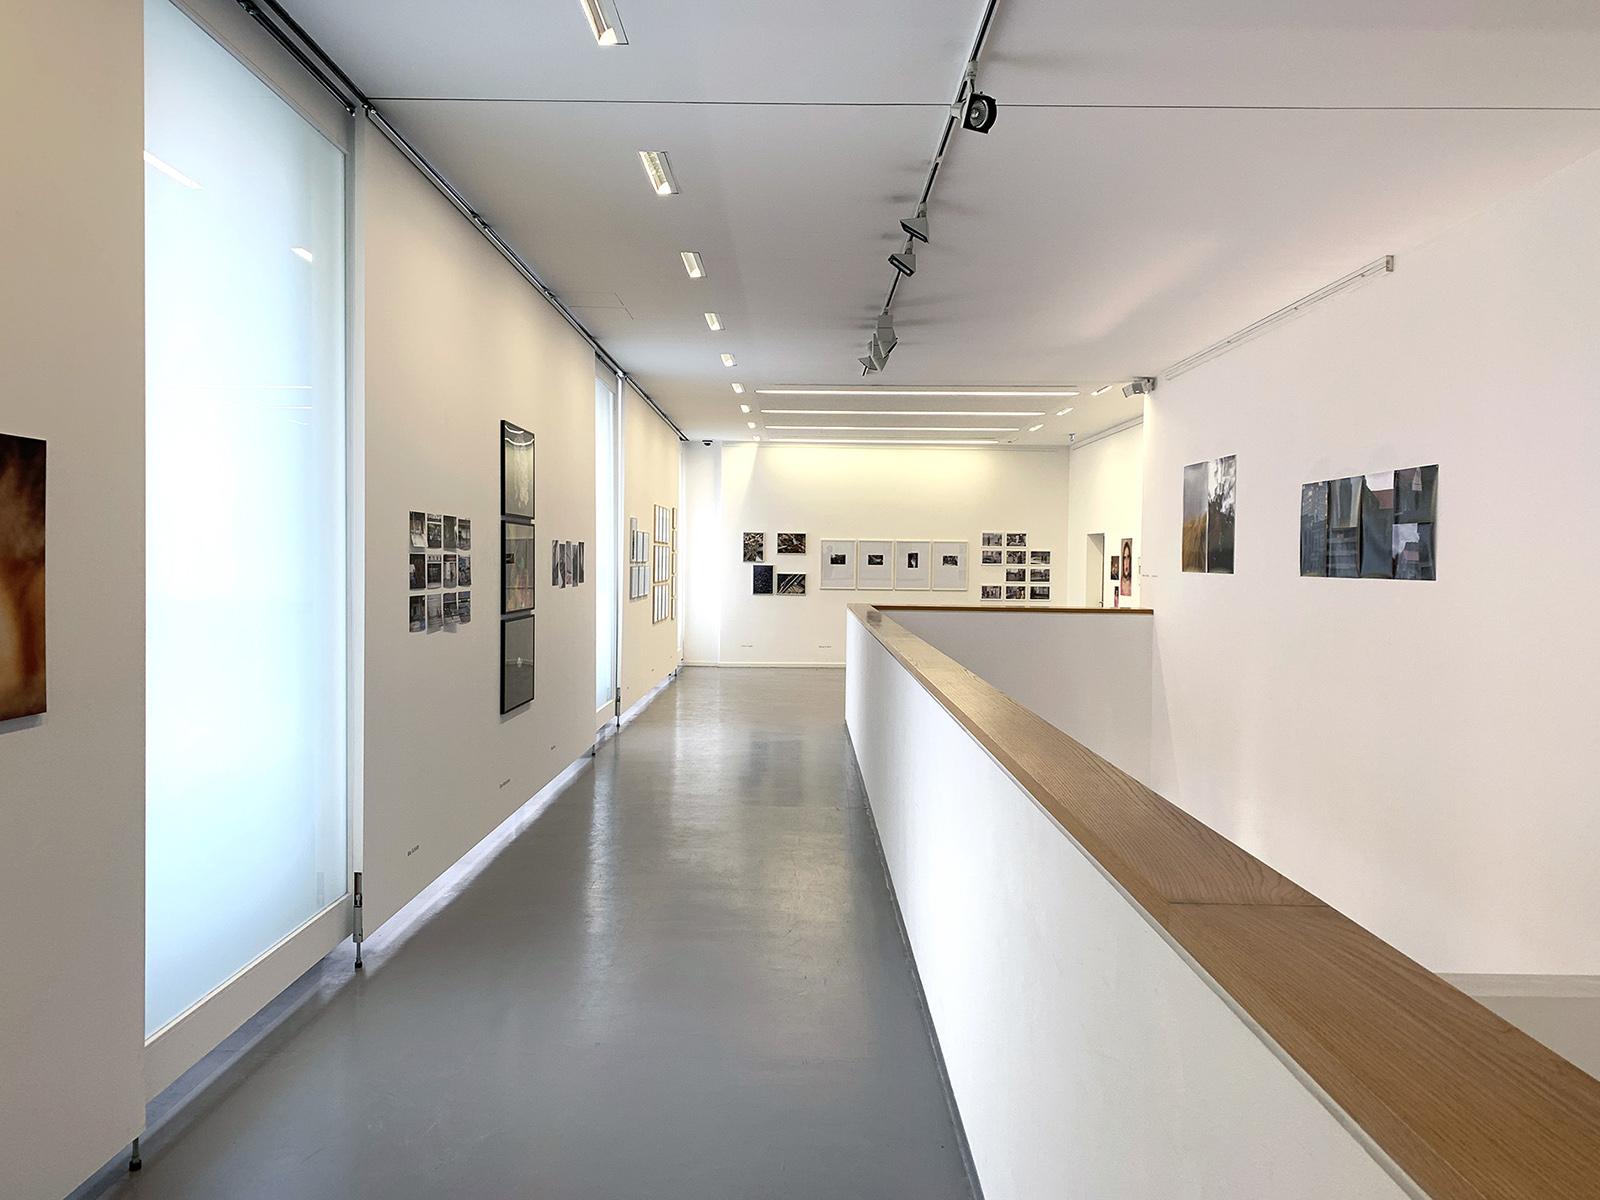 Umbruch - Fotoausstellung in der Kommunalen Galerie 6. - 18.4.2021